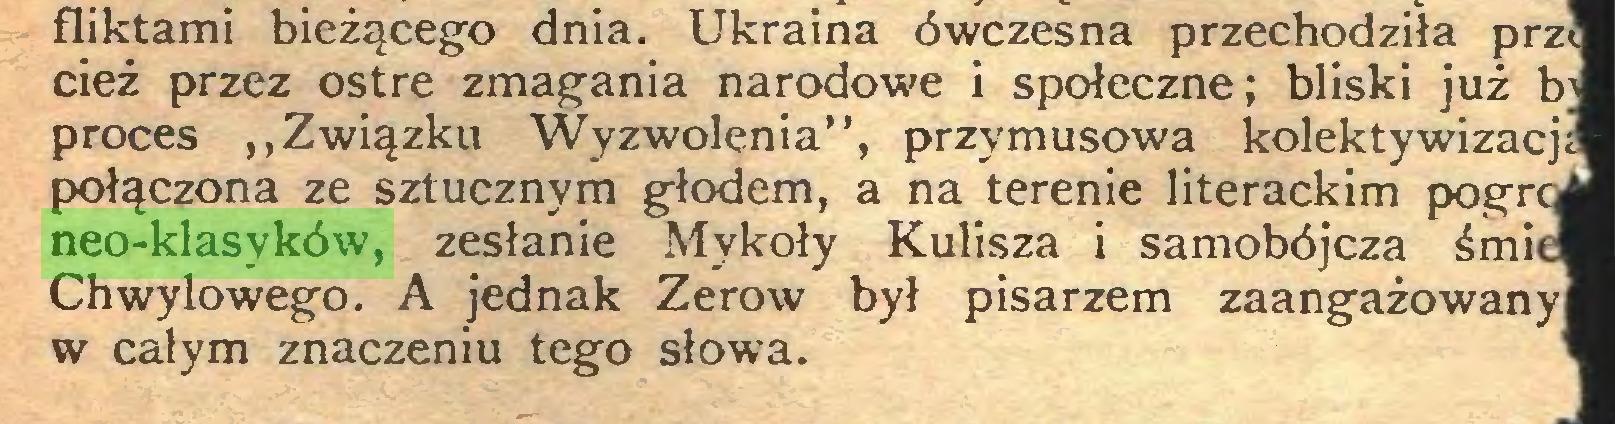 """(...) fliktami bieżącego dnia. Ukraina ówczesna przechodziła prz cięż przez ostre zmagania narodowe i społeczne; bliski już b proces """"Związku Wyzwolenia"""", przymusowa kolektywizacj połączona ze sztucznym głodem, a na terenie literackim pogr neo-klasyków, zesłanie Mykoły Kulisza i samobójcza śmi Chwylowego. A jednak Zerow był pisarzem zaangażowany w całym znaczeniu tego słowa..."""